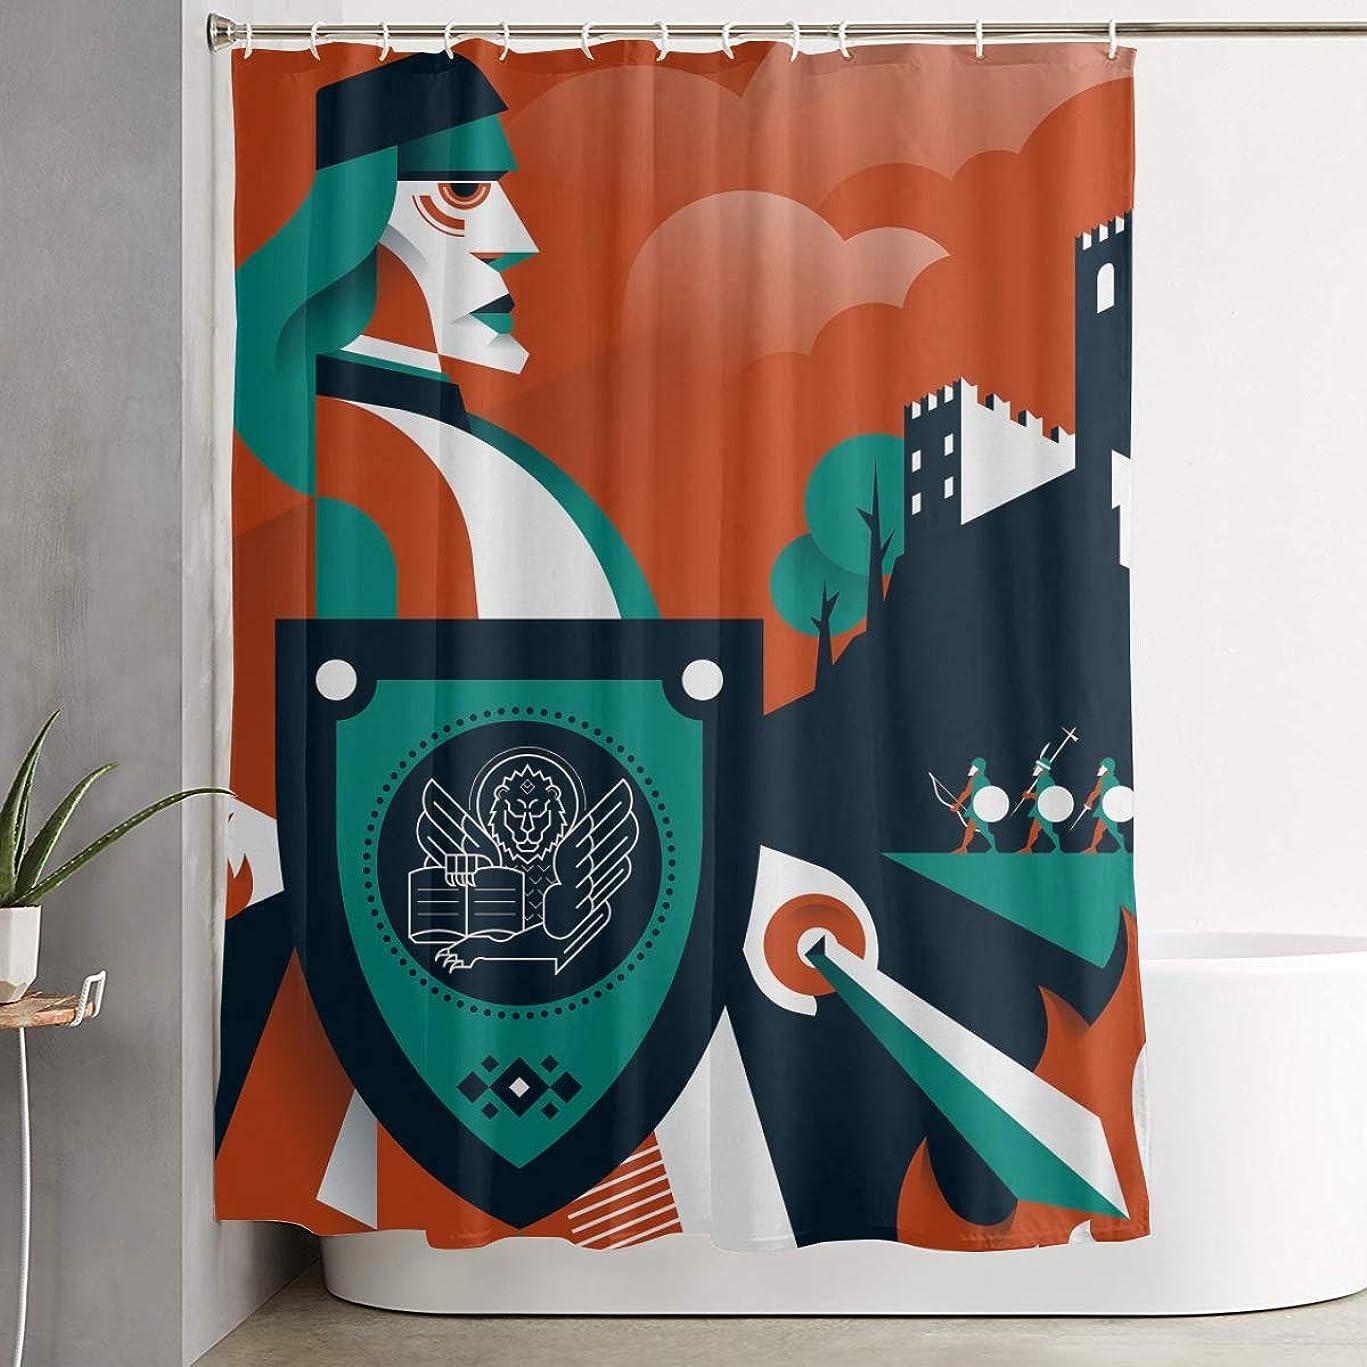 くるみ椅子好ましい兵隊 盾 剣 シャワーカーテン 浴室カーテン バスカーテン お風呂カーテン リング付属 目隠し バスルーム シャワー 速乾性 撥水加工 リングランナー付き